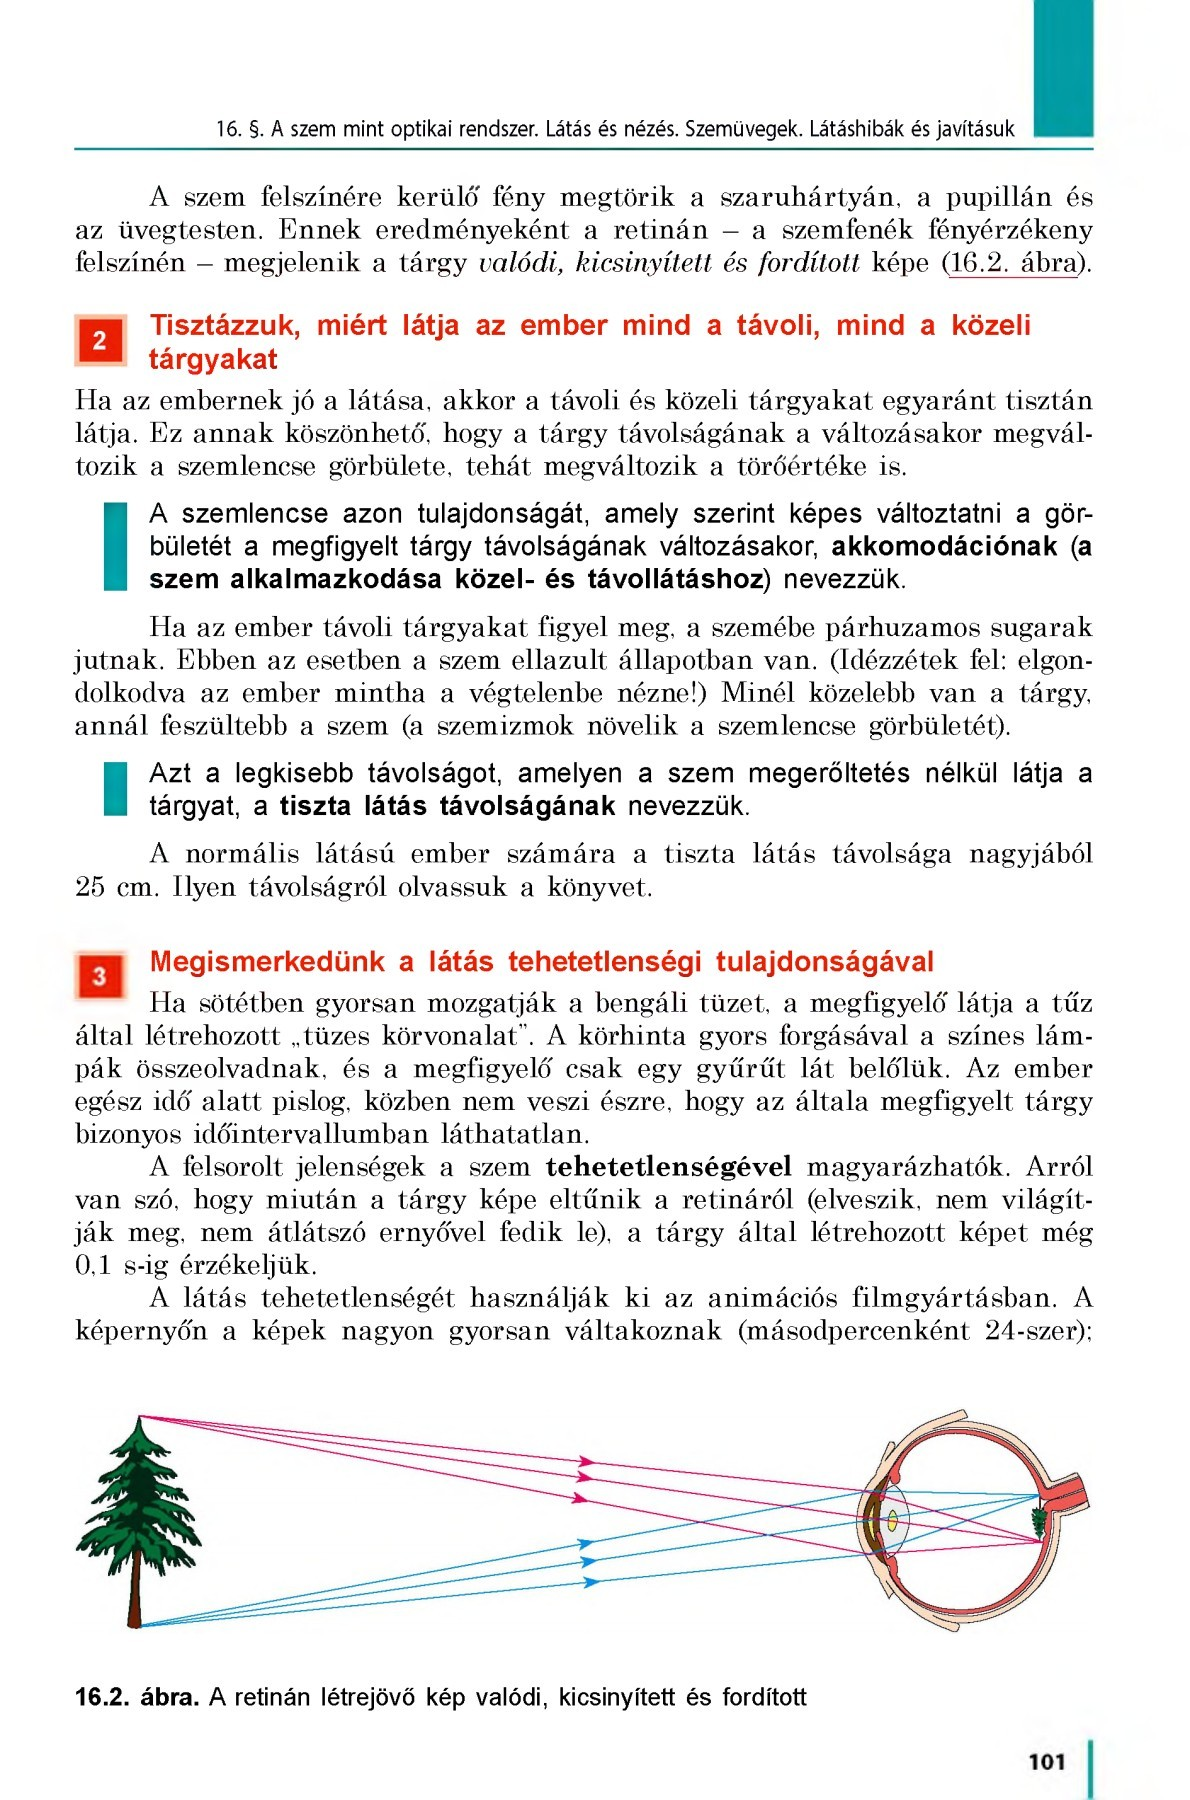 CrystalFEMTO kezelés: Kristálytiszta látásélmény még extrém körülmények között is! | rovento.hu